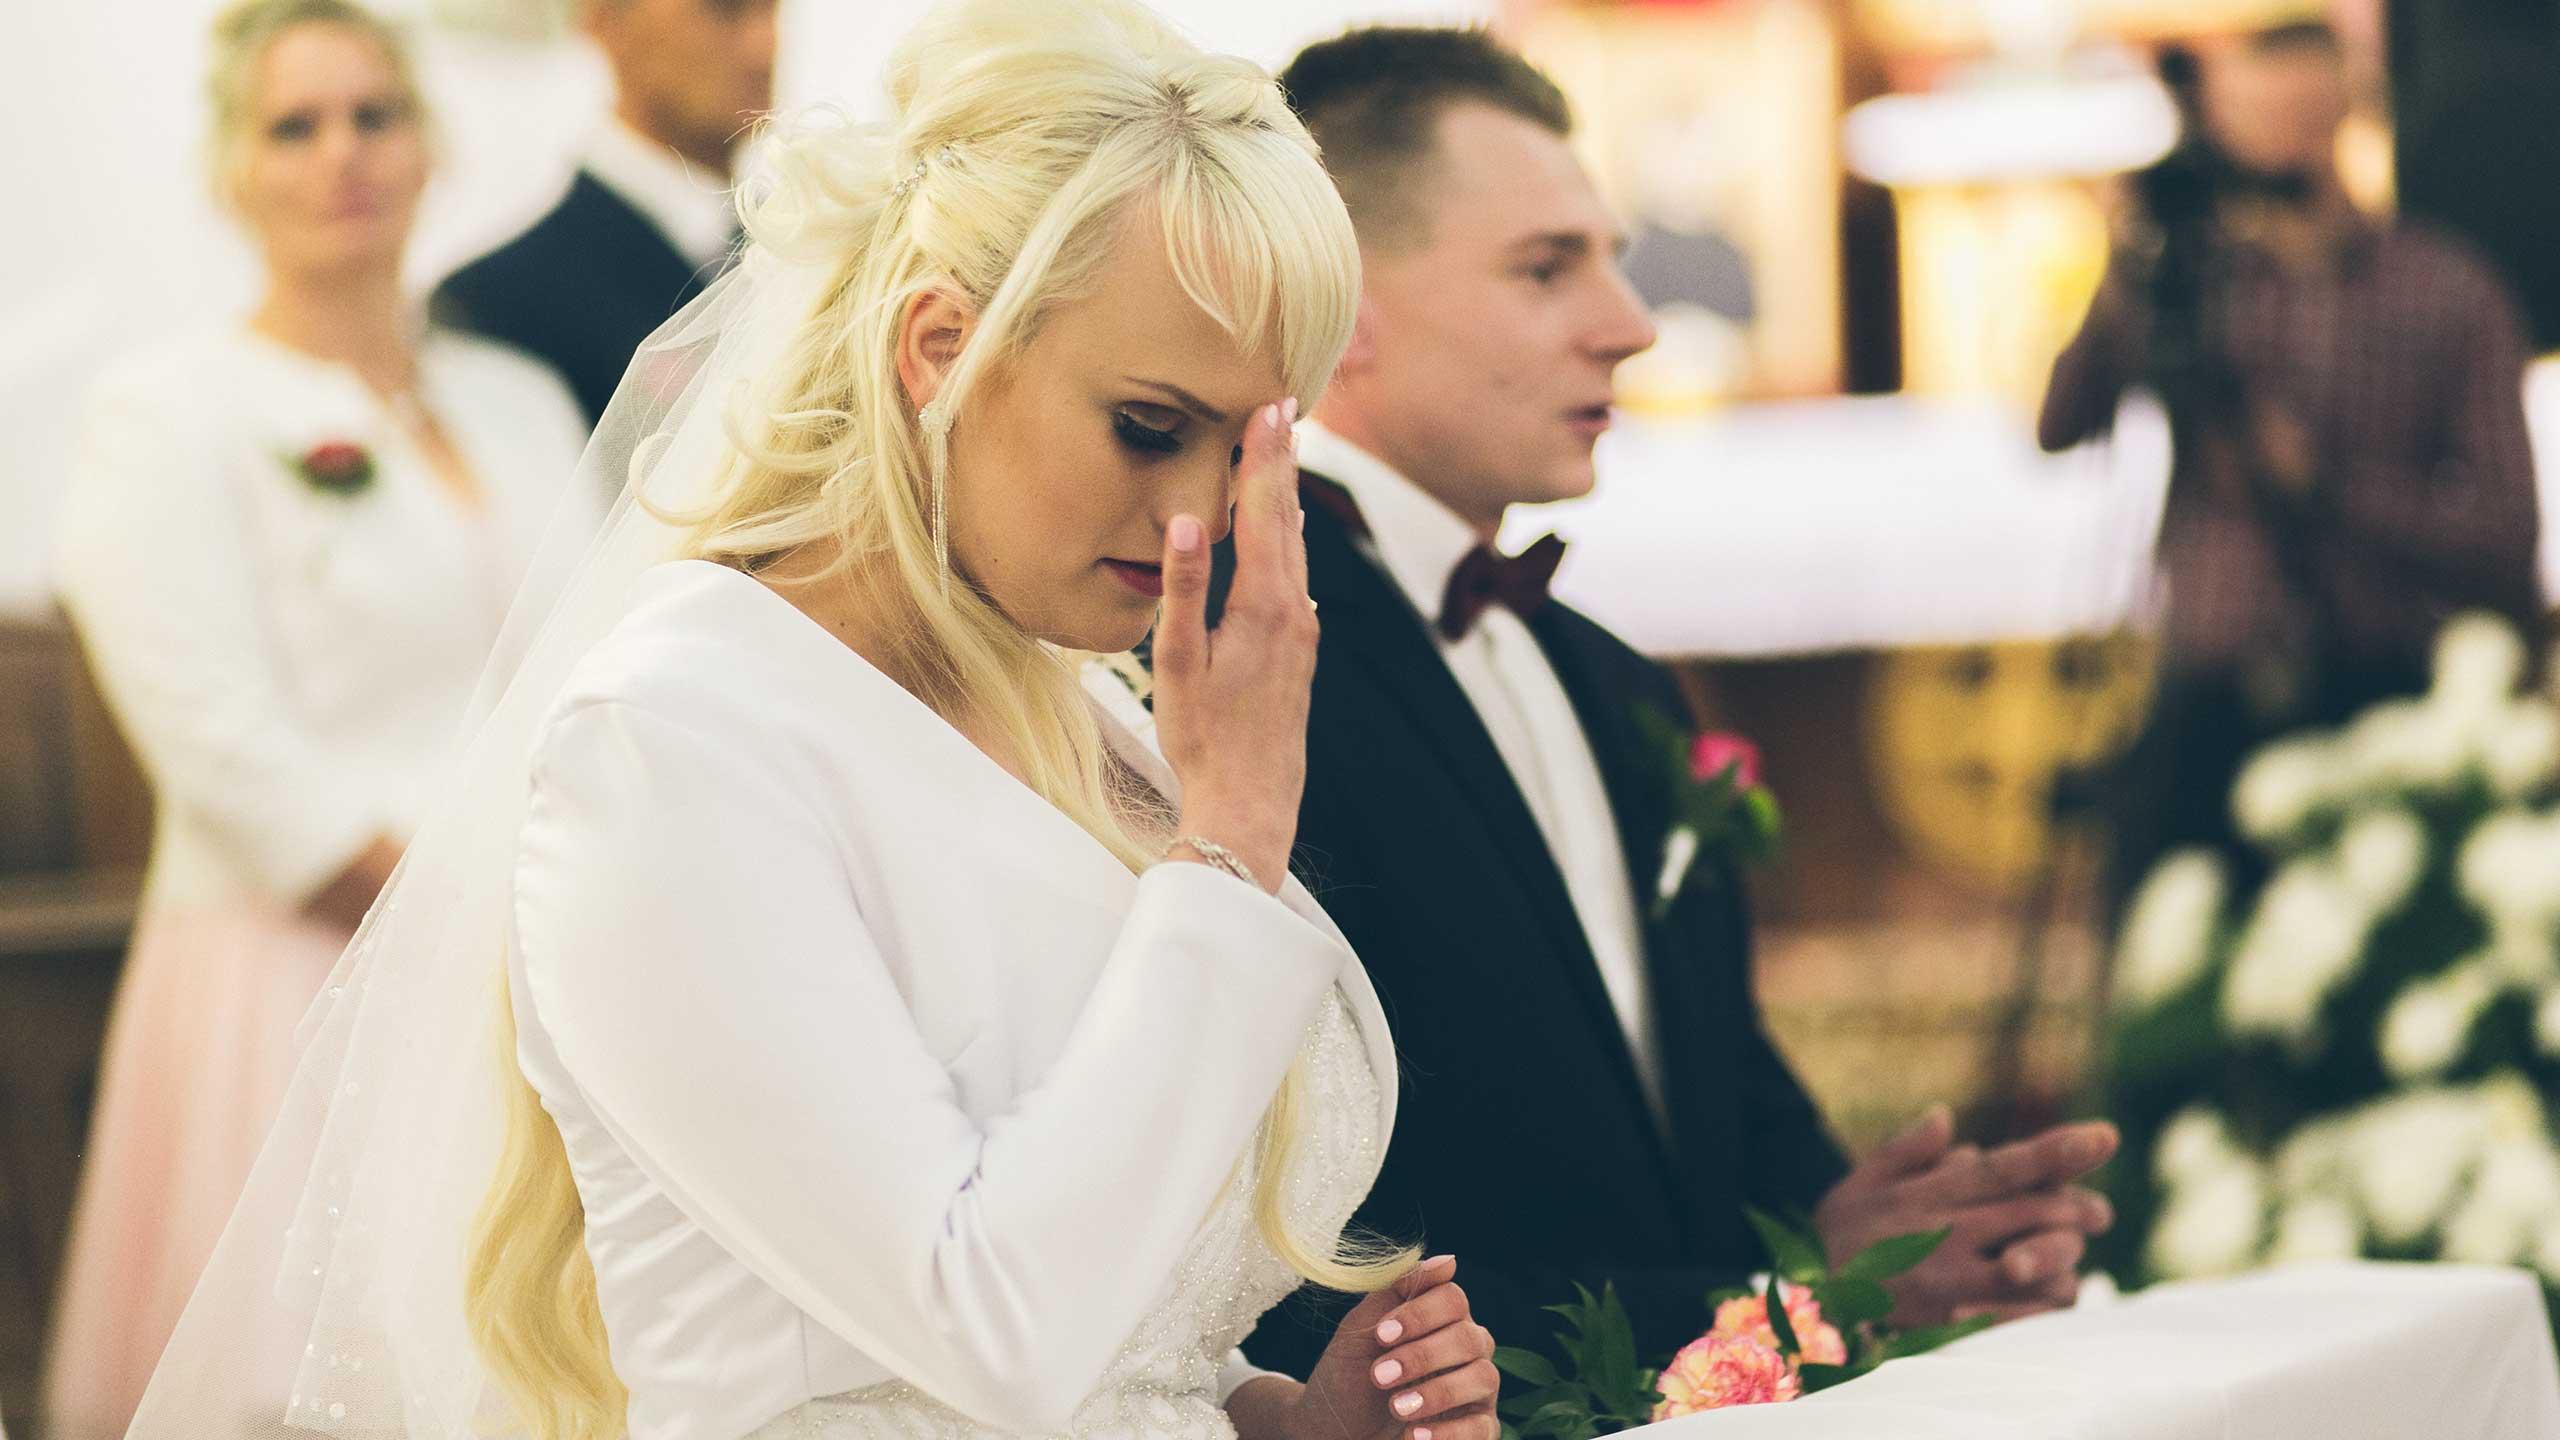 11 - Światłoczuły - Kazimierz Chmiel - fotografia ślubna Zamość